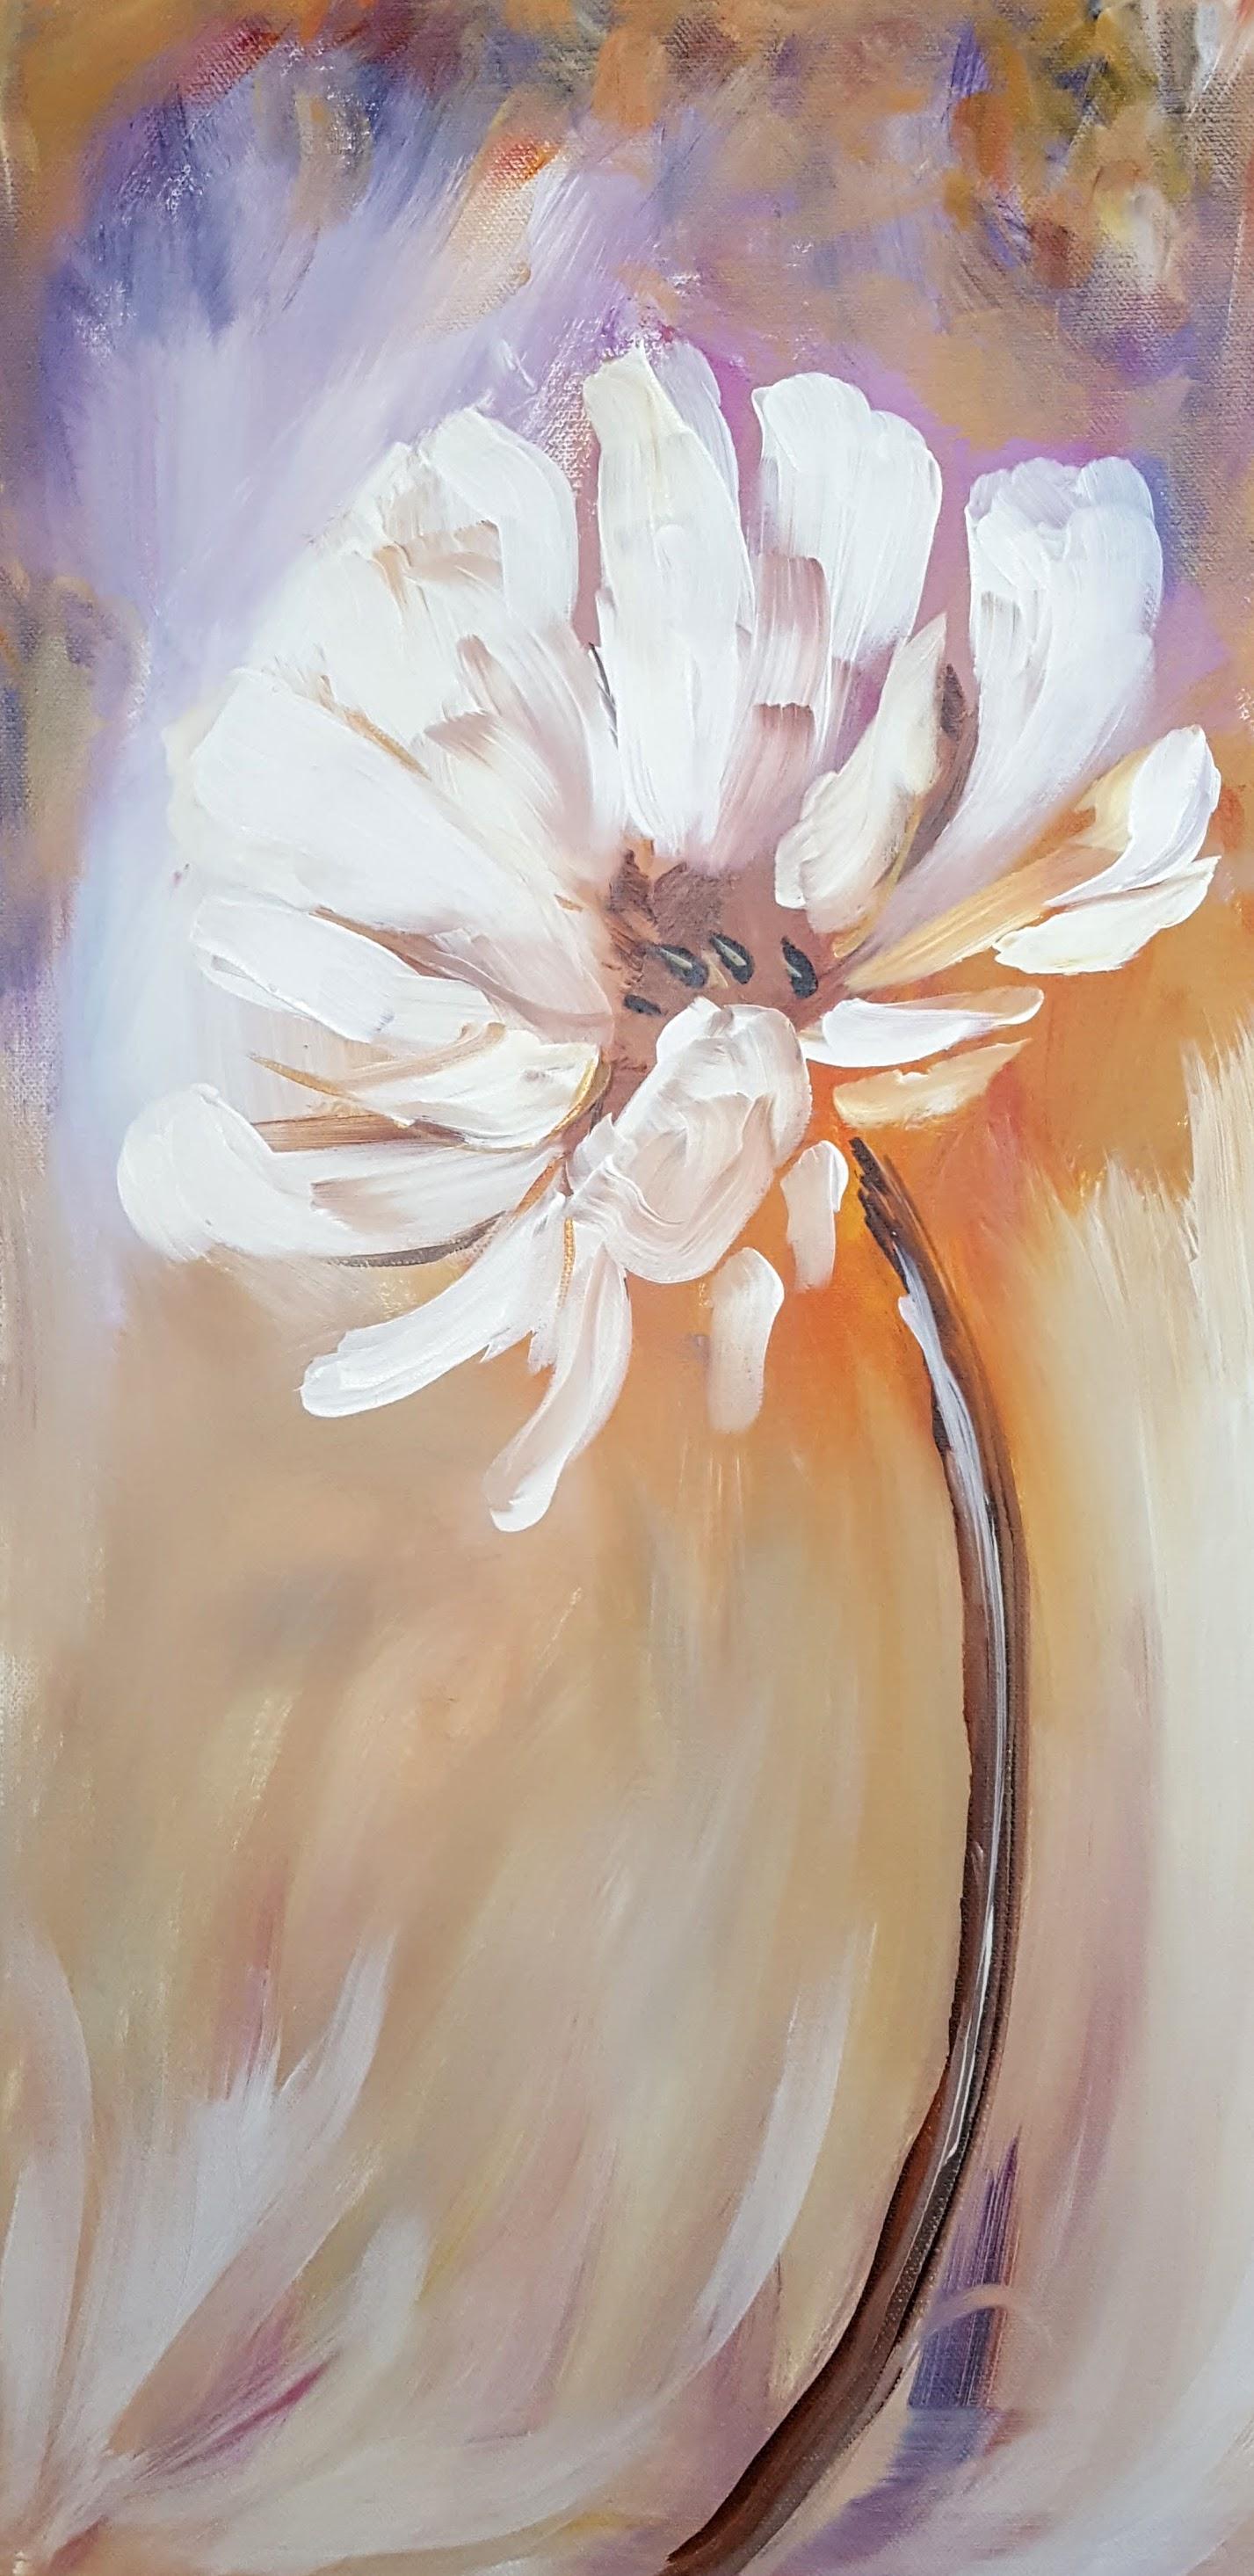 Peaceful Flower.jpg